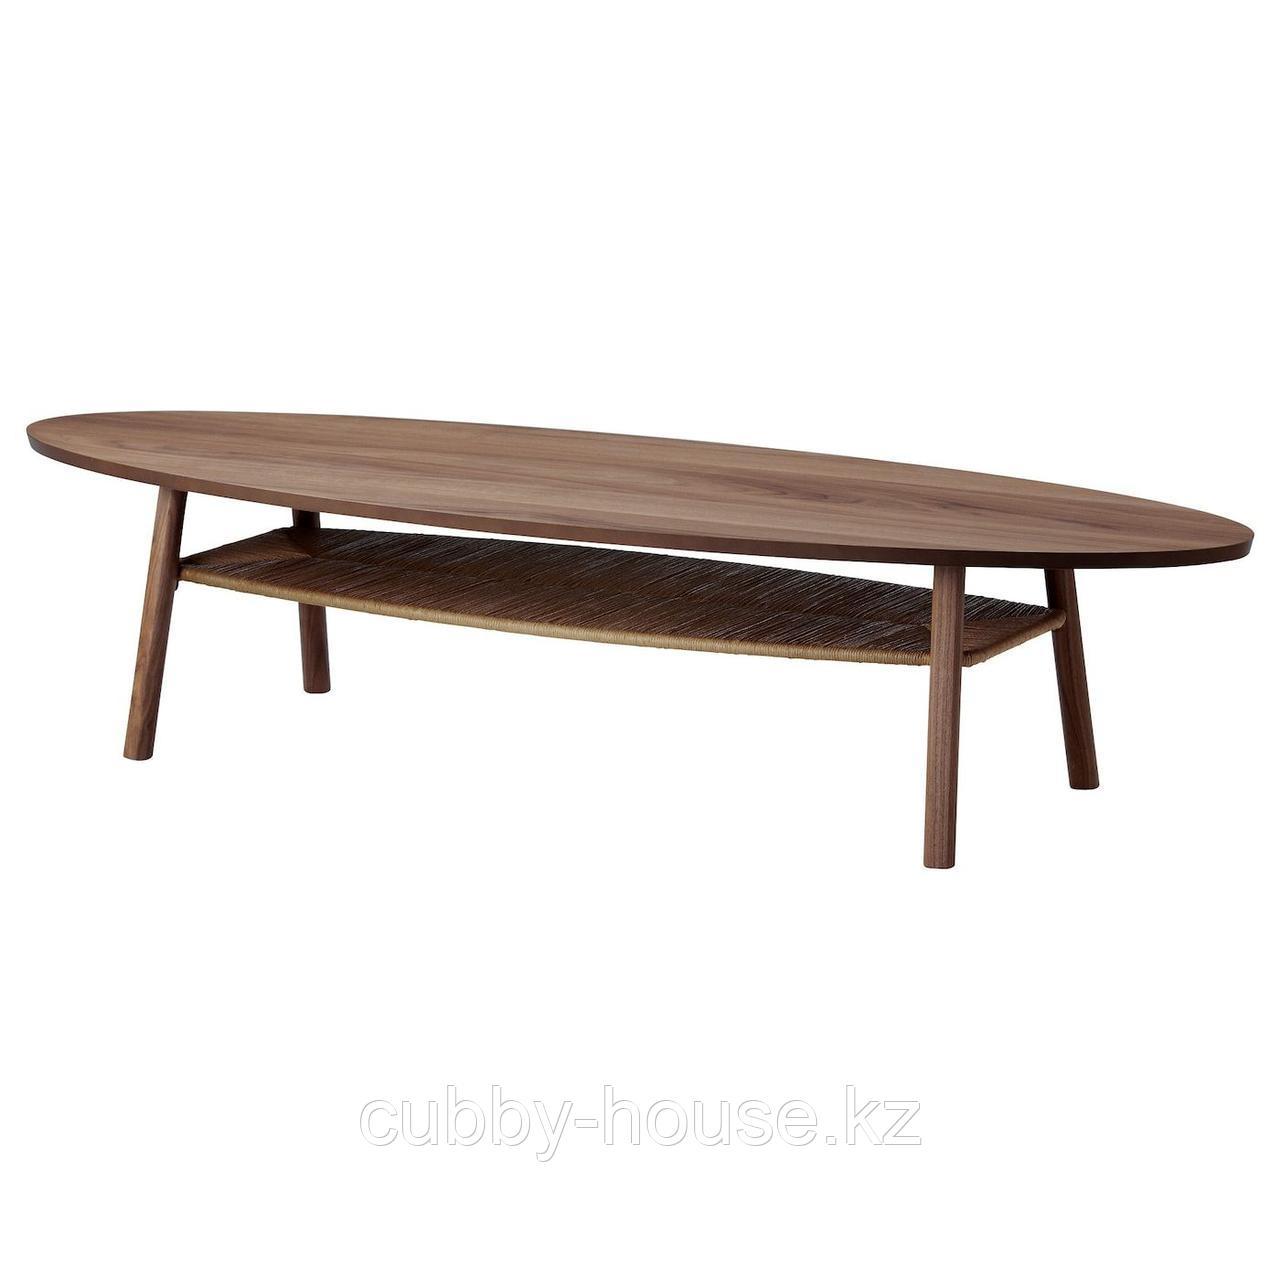 СТОКГОЛЬМ Журнальный стол, шпон грецкого ореха, 180x59 см